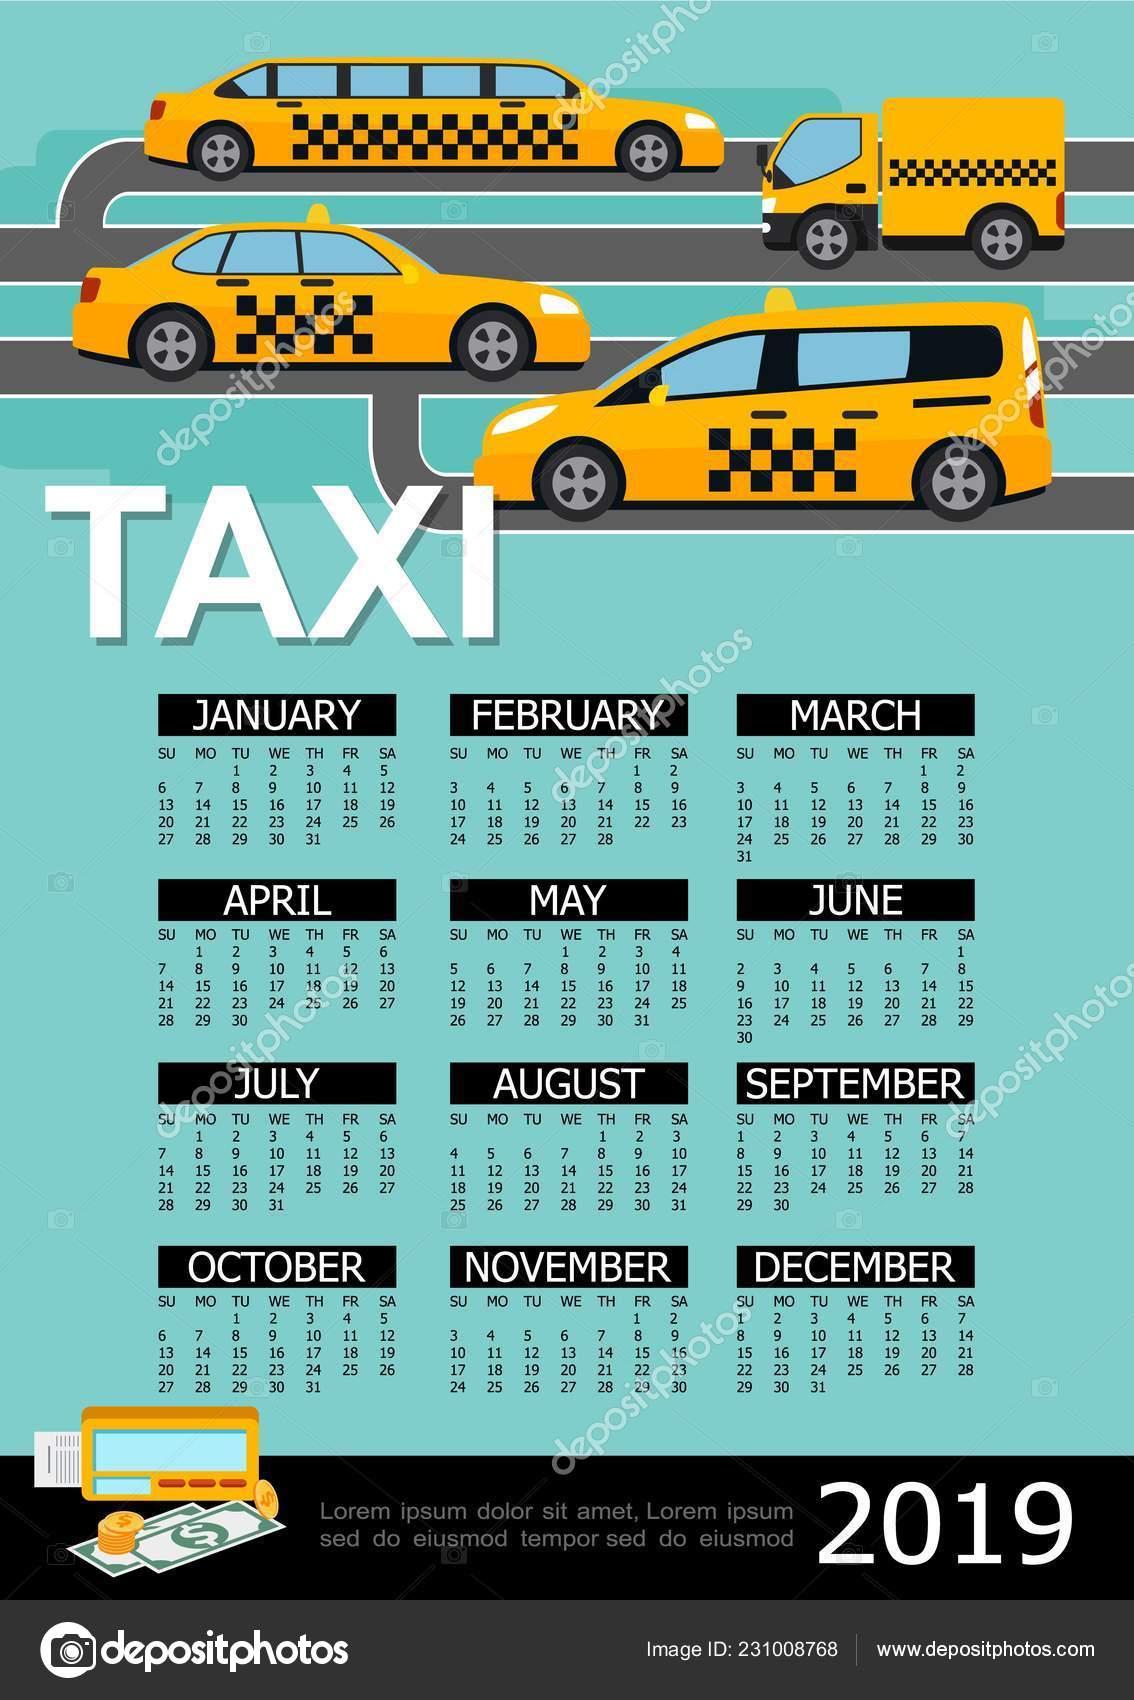 Calendario Camion 2019.Modello Di Piano Taxi 2019 Anno Calendario Vettoriali